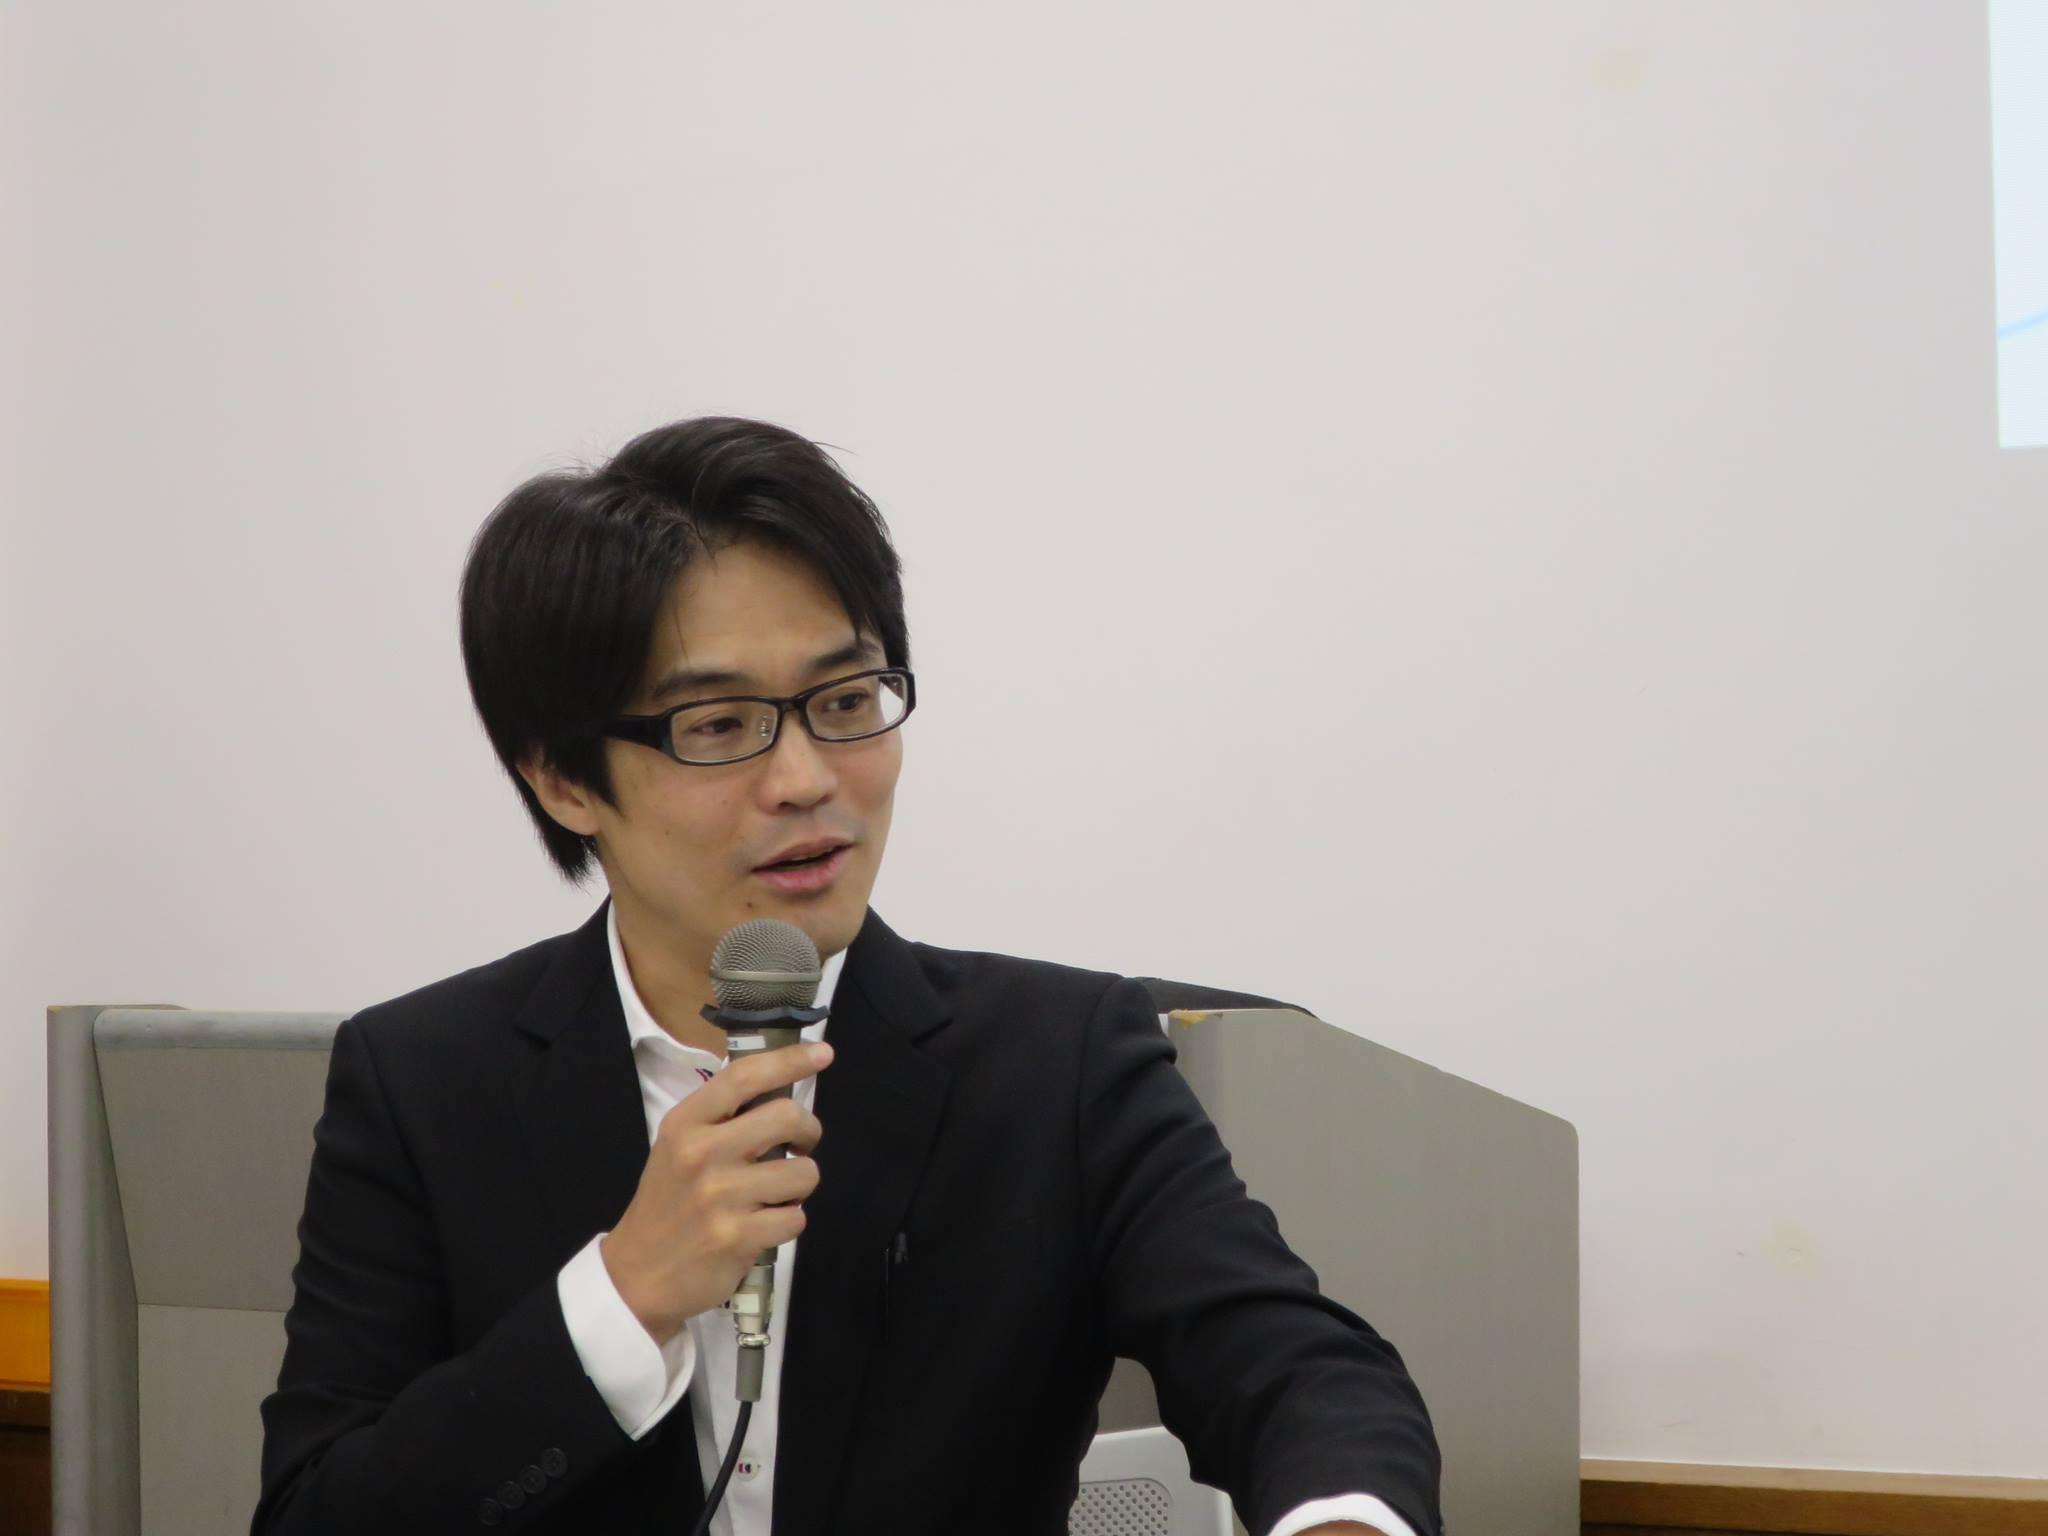 シャプラニールの菅原伸忠ダッカ事務所長